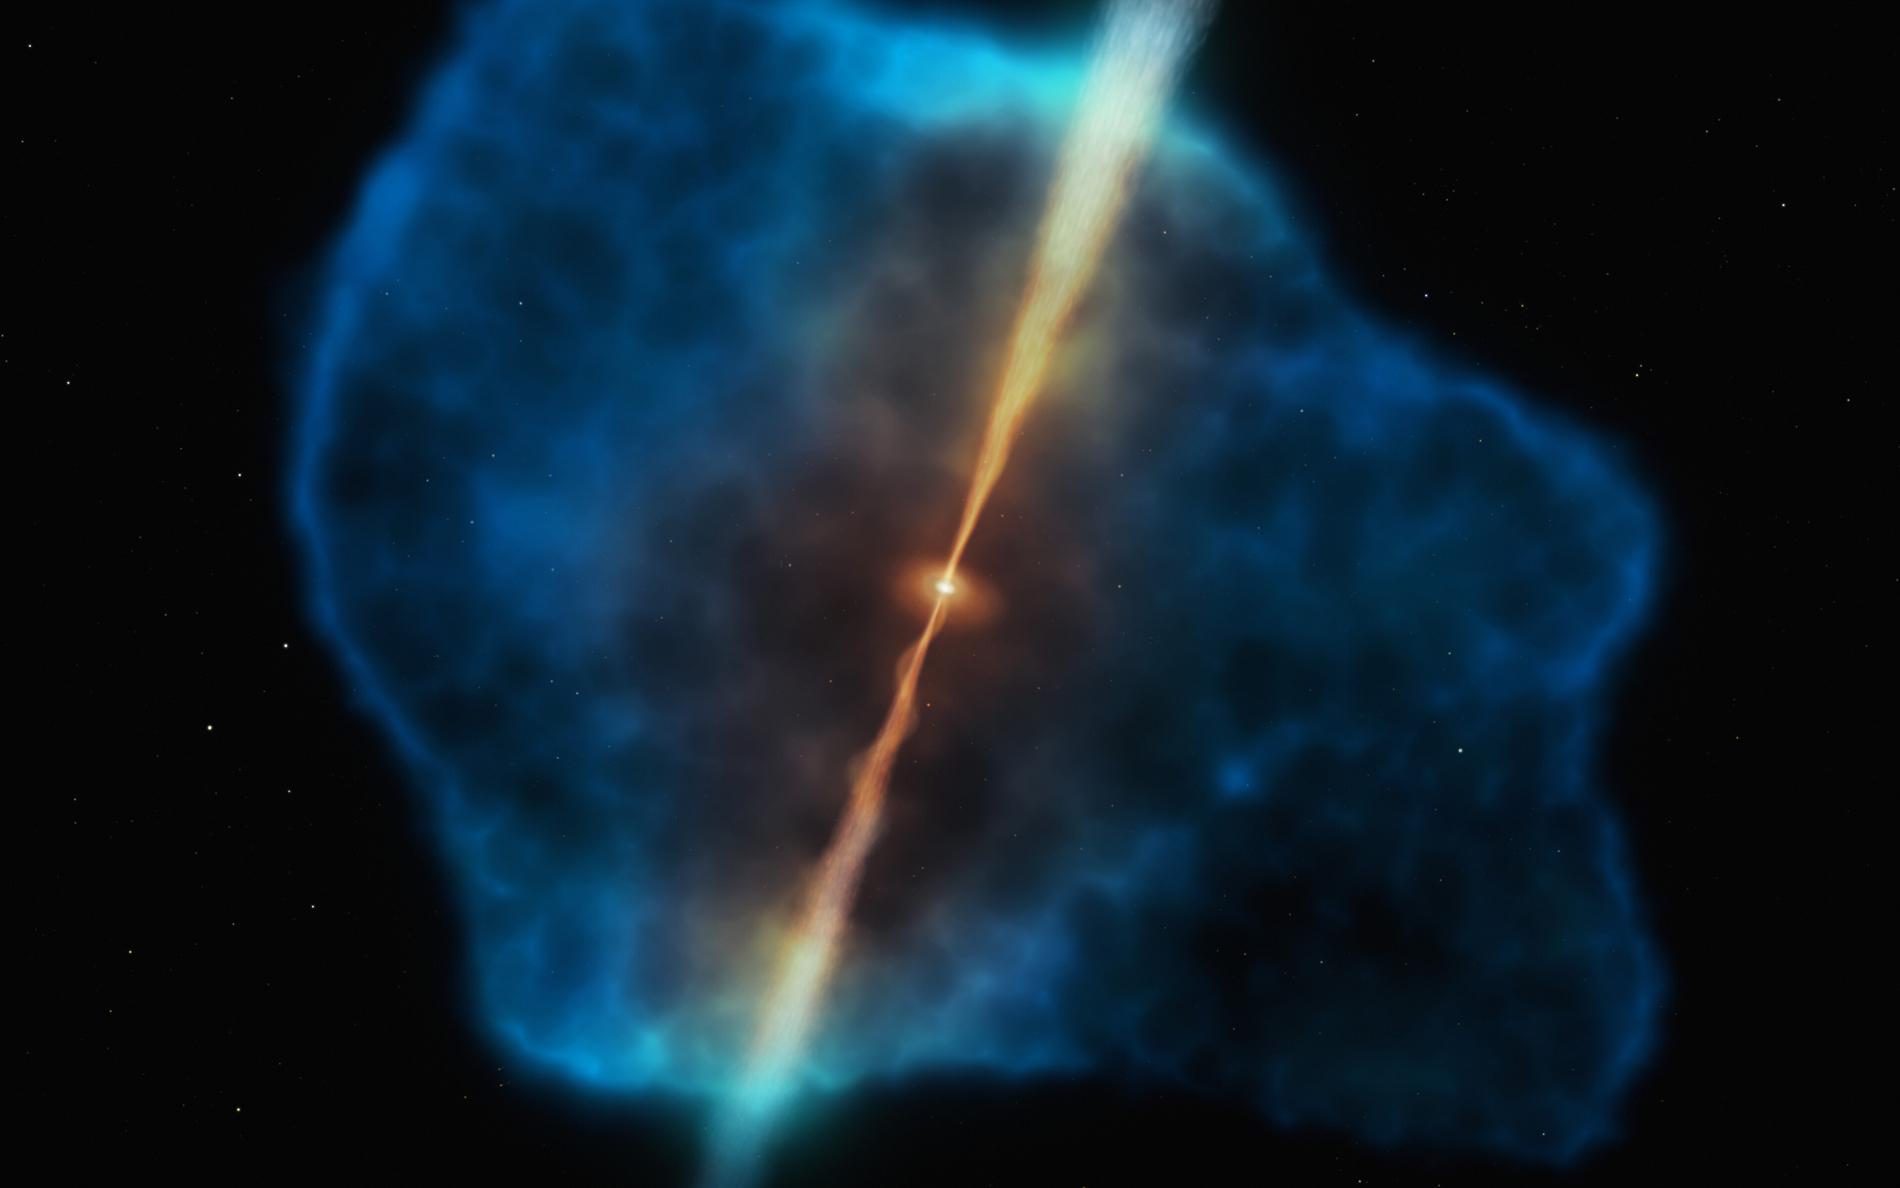 Vue d'artiste d'un quasar distant entouré d'un halo de gaz